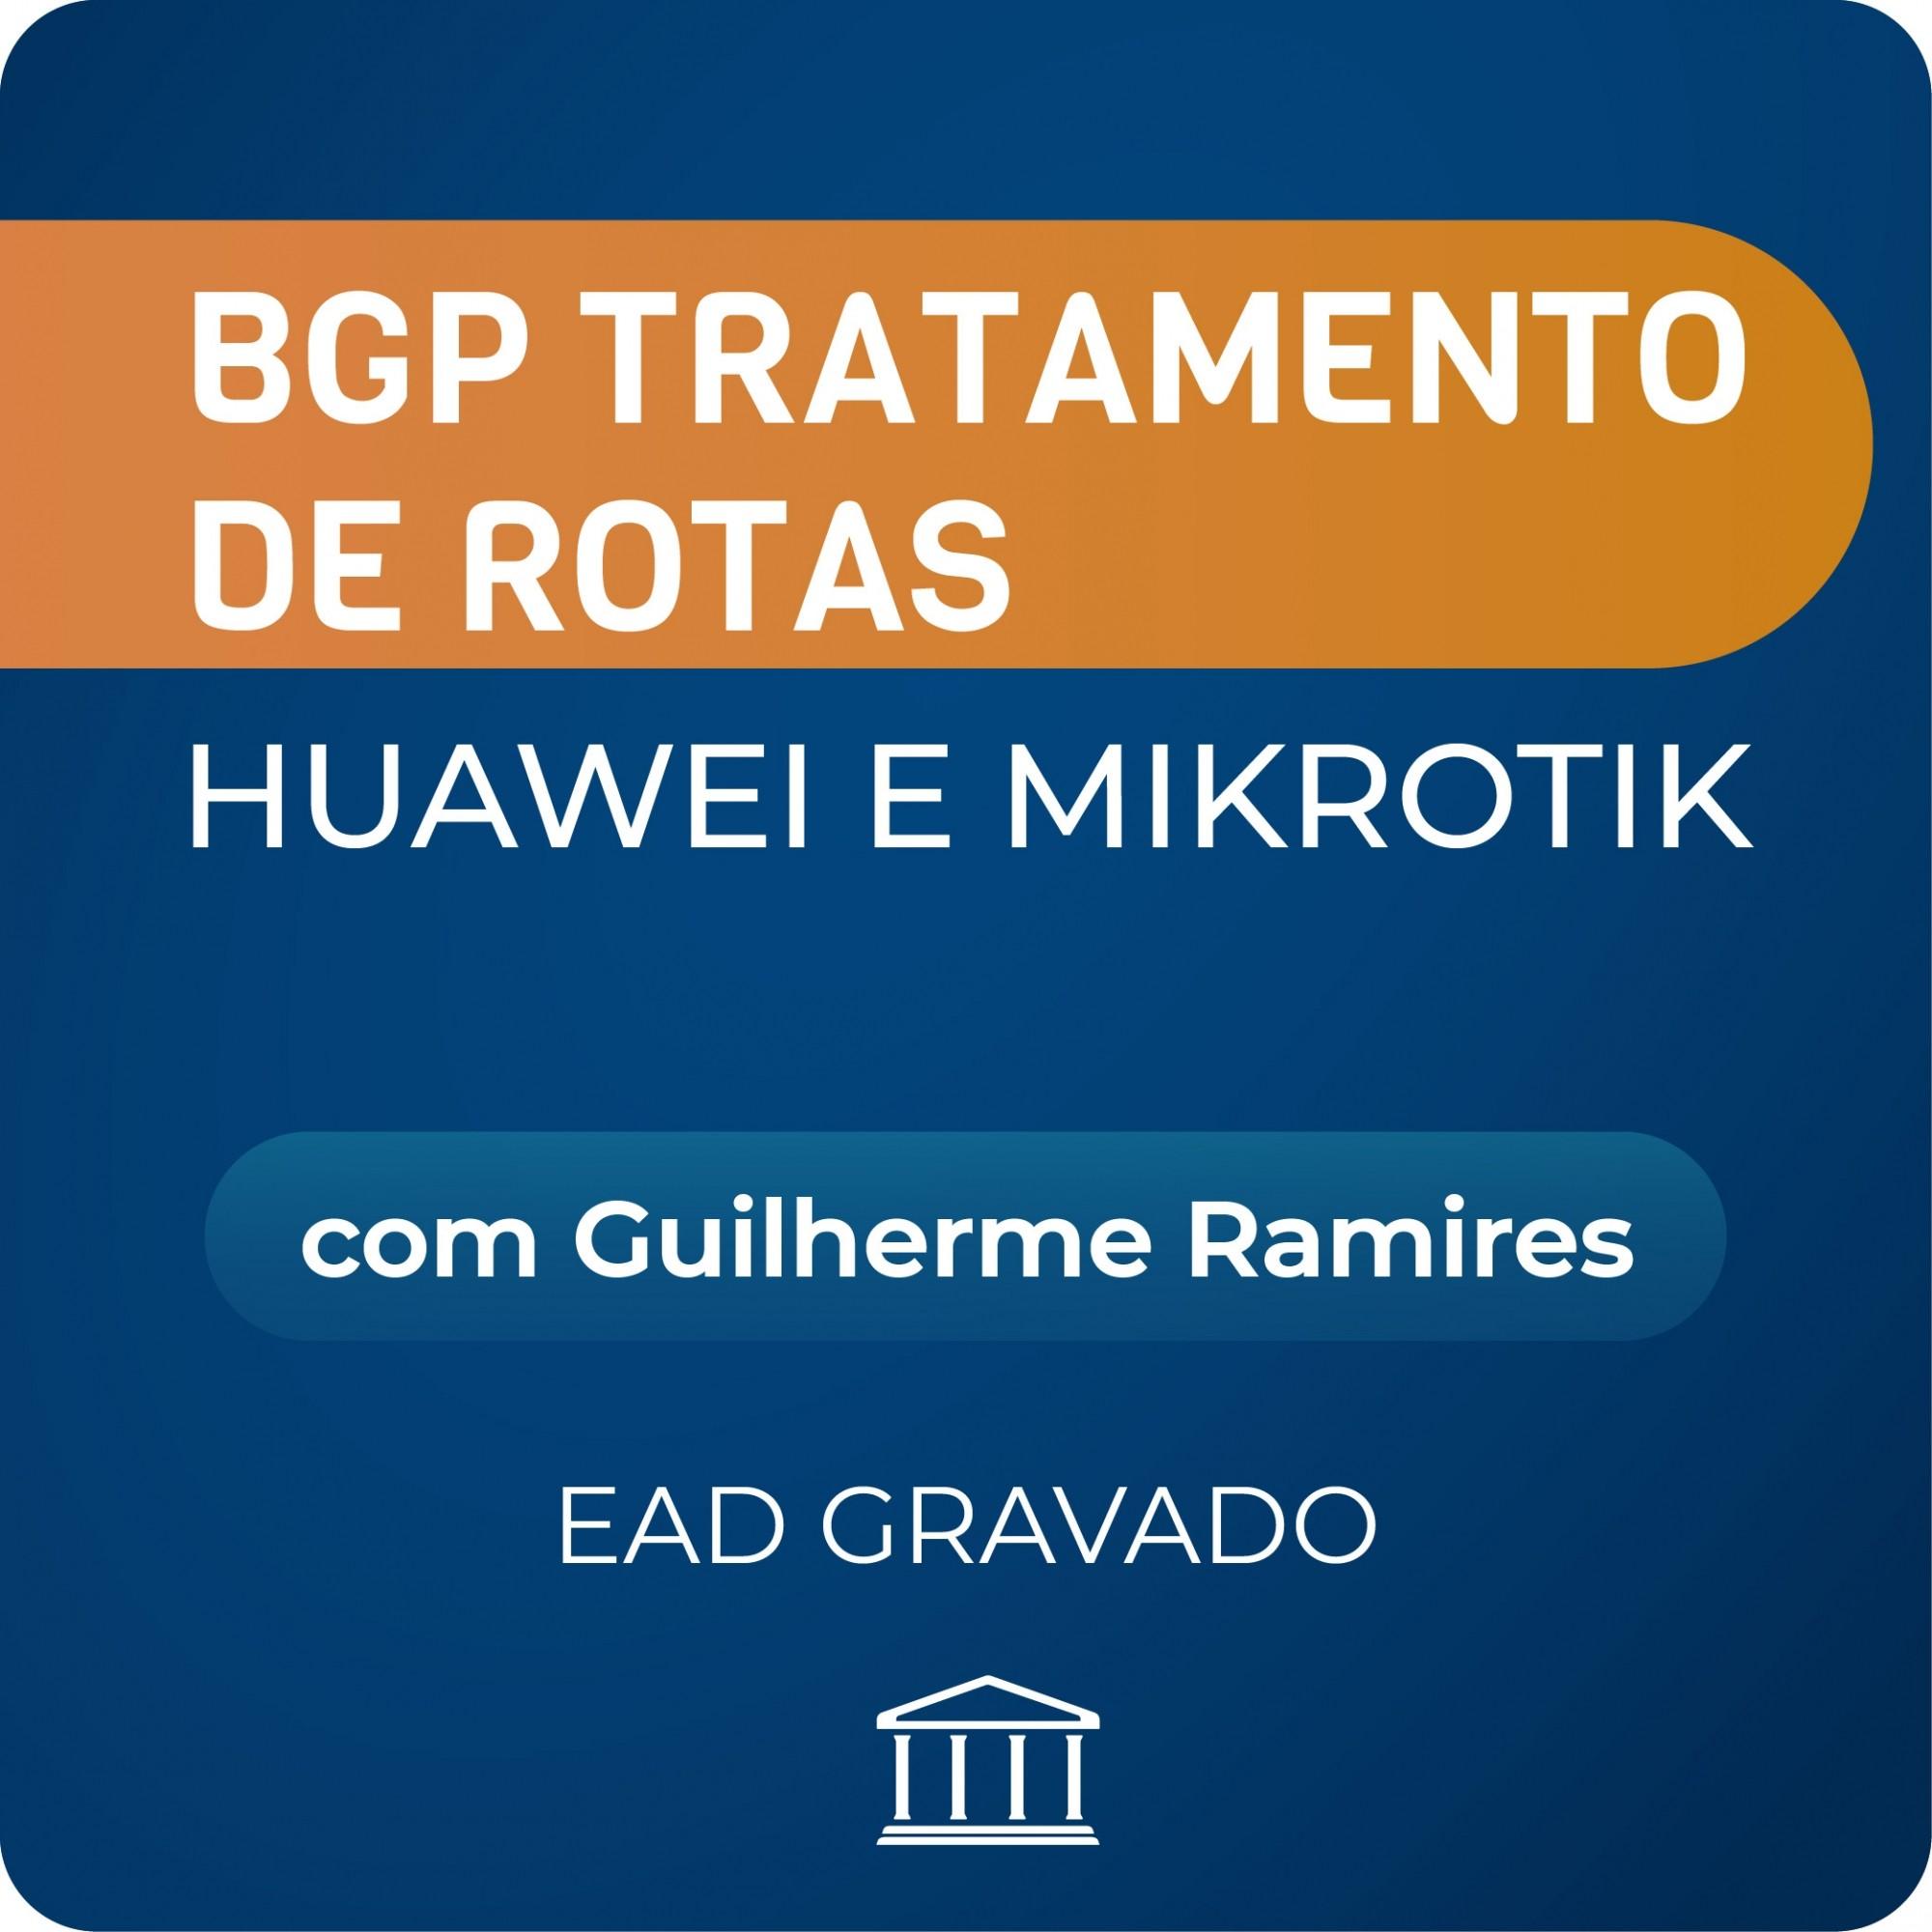 BGP Tratamento de Rotas Huawei e Mikrotik com Guilherme Ramires - GRAVADO  - Voz e Dados